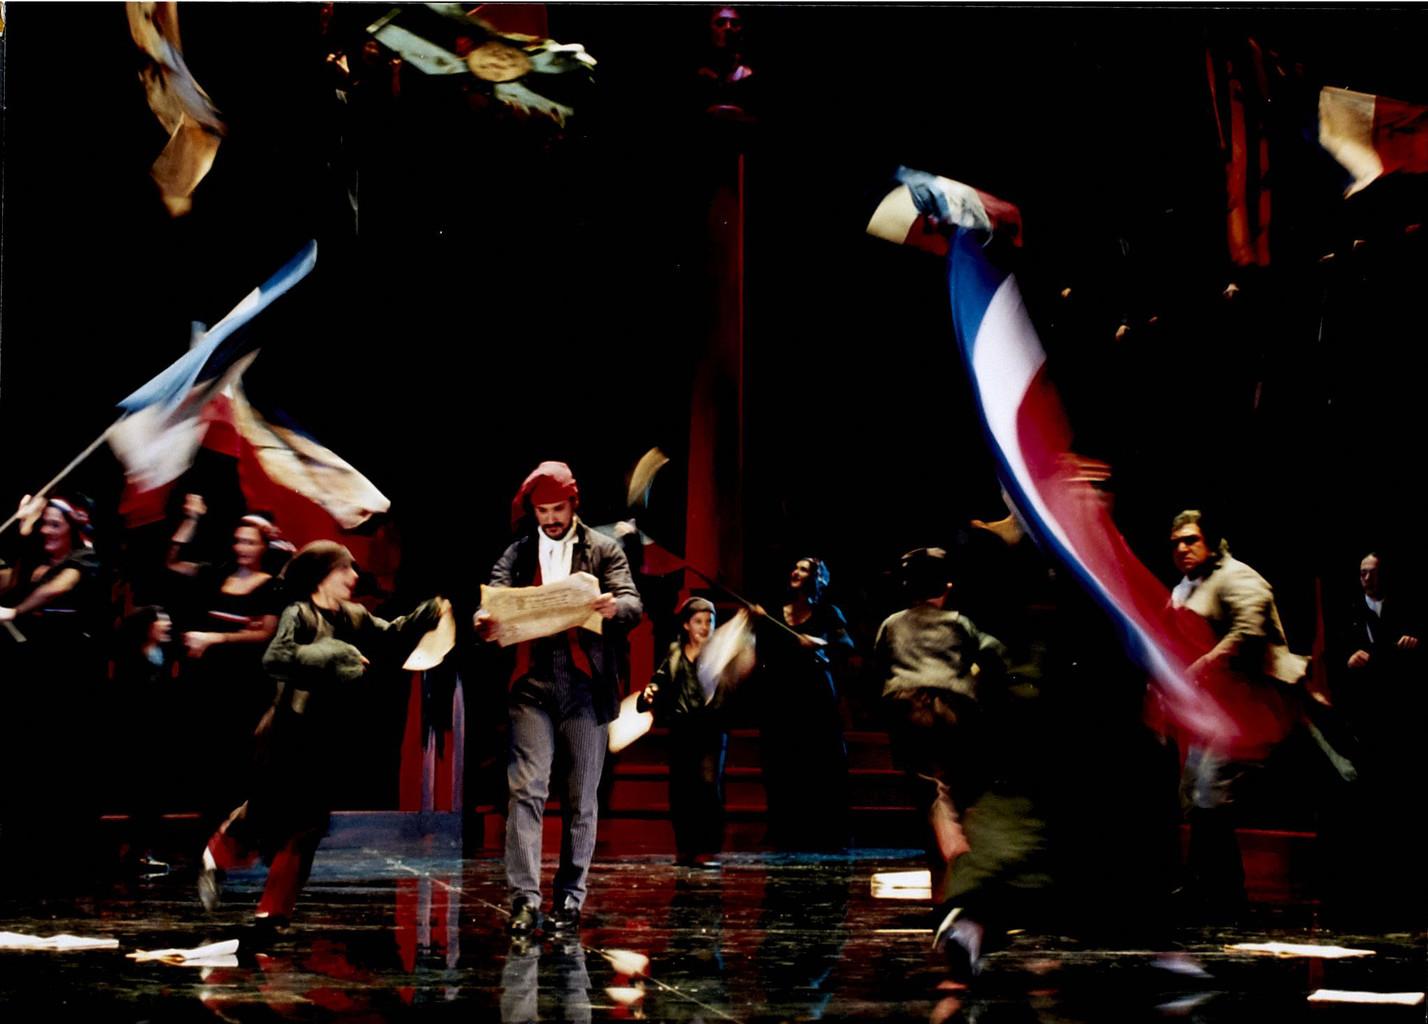 Photographie : Andrea Chenier. 1999/2000, Opéra de Nice Côte d'Azur  